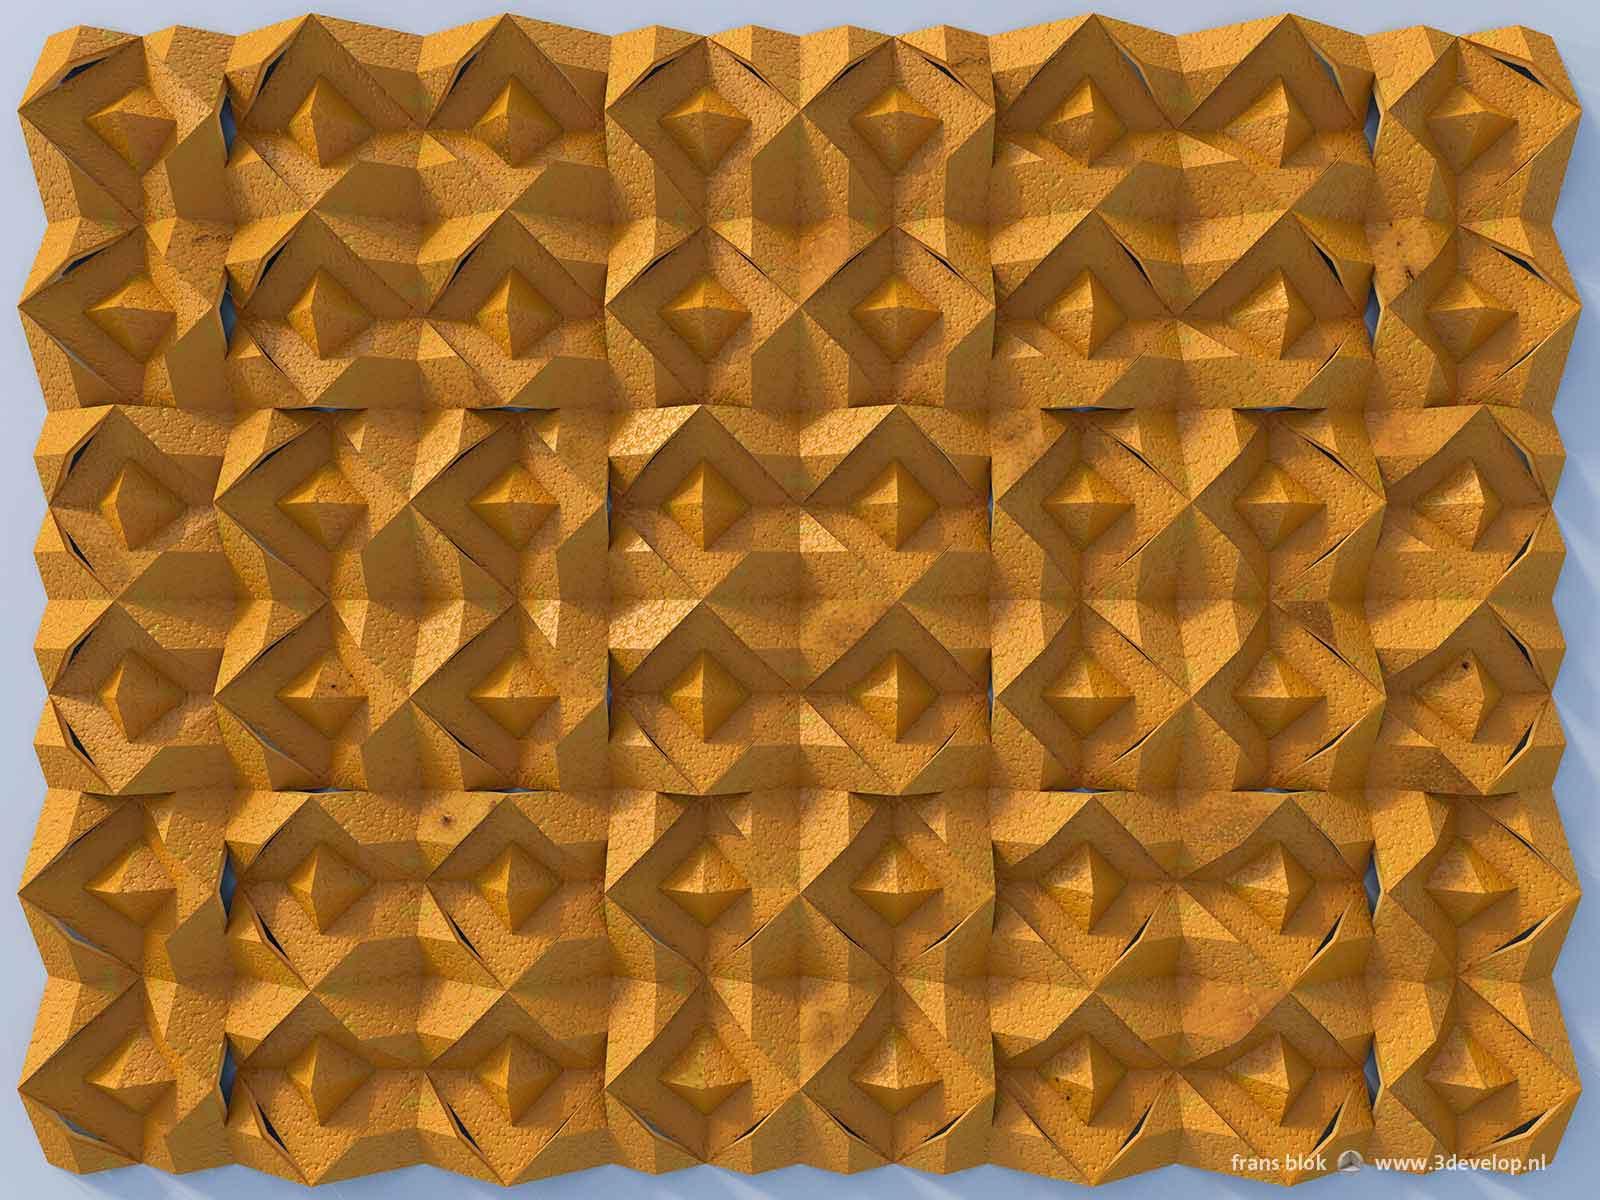 Virtueel relief in sinaasappelschillen, gemaakt met behulp van autocad, 3ds max en photoshop